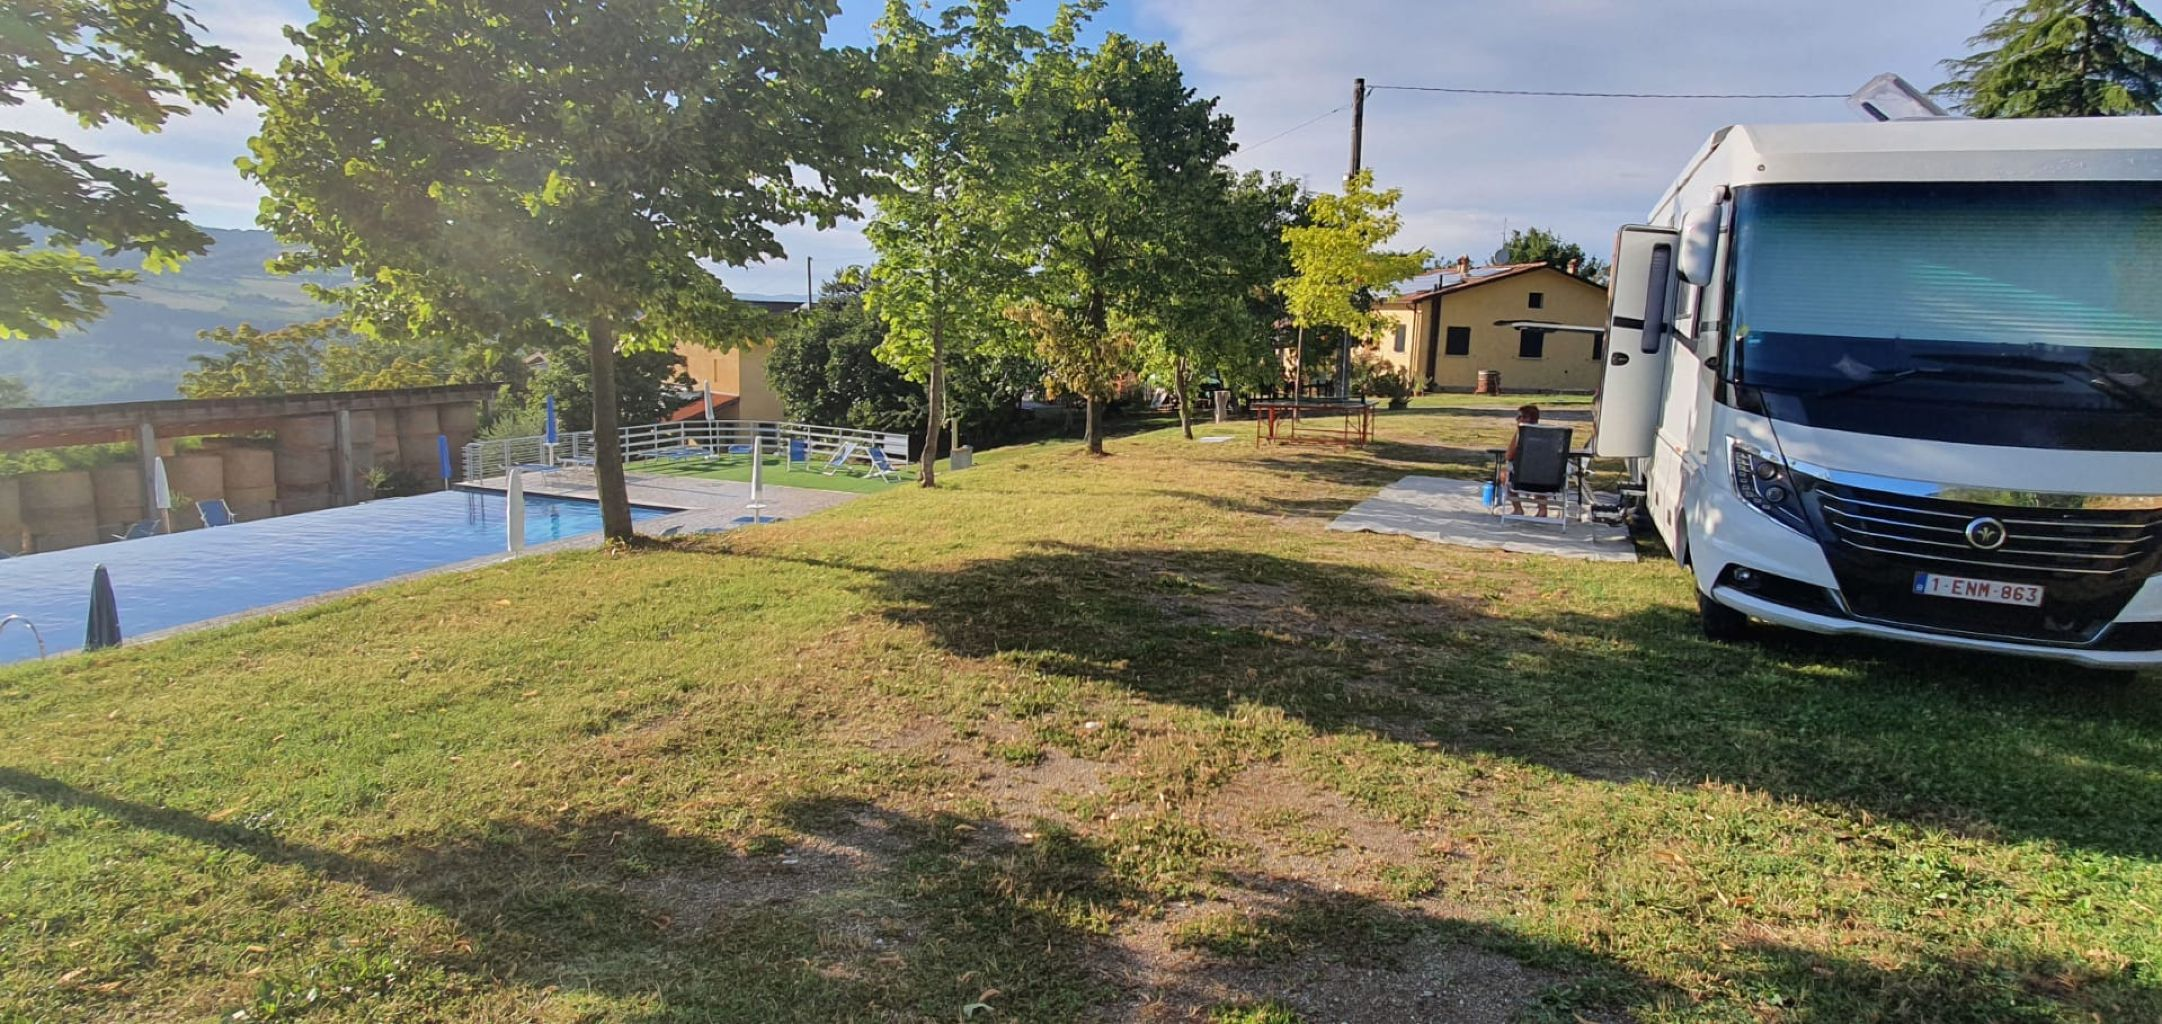 Location: Azienda Agricola Clorofilla